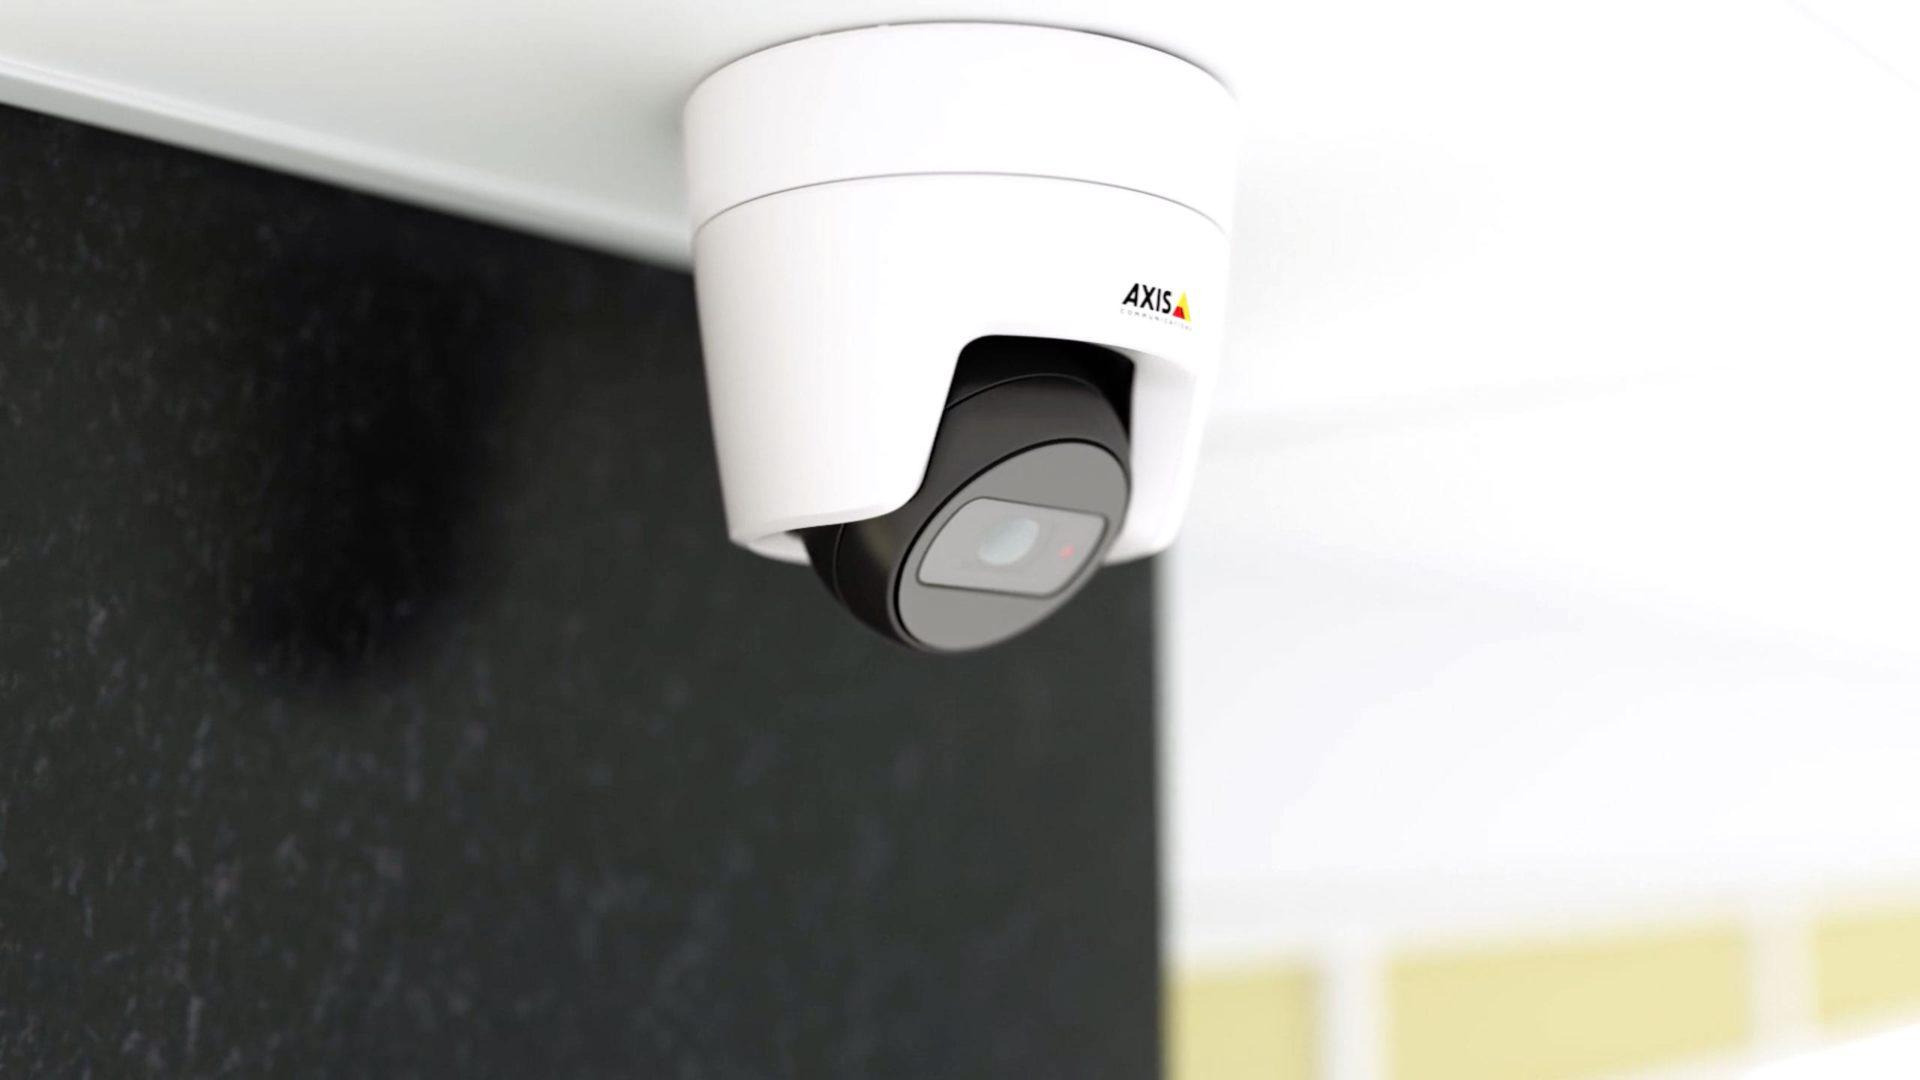 axis övervakningskamera